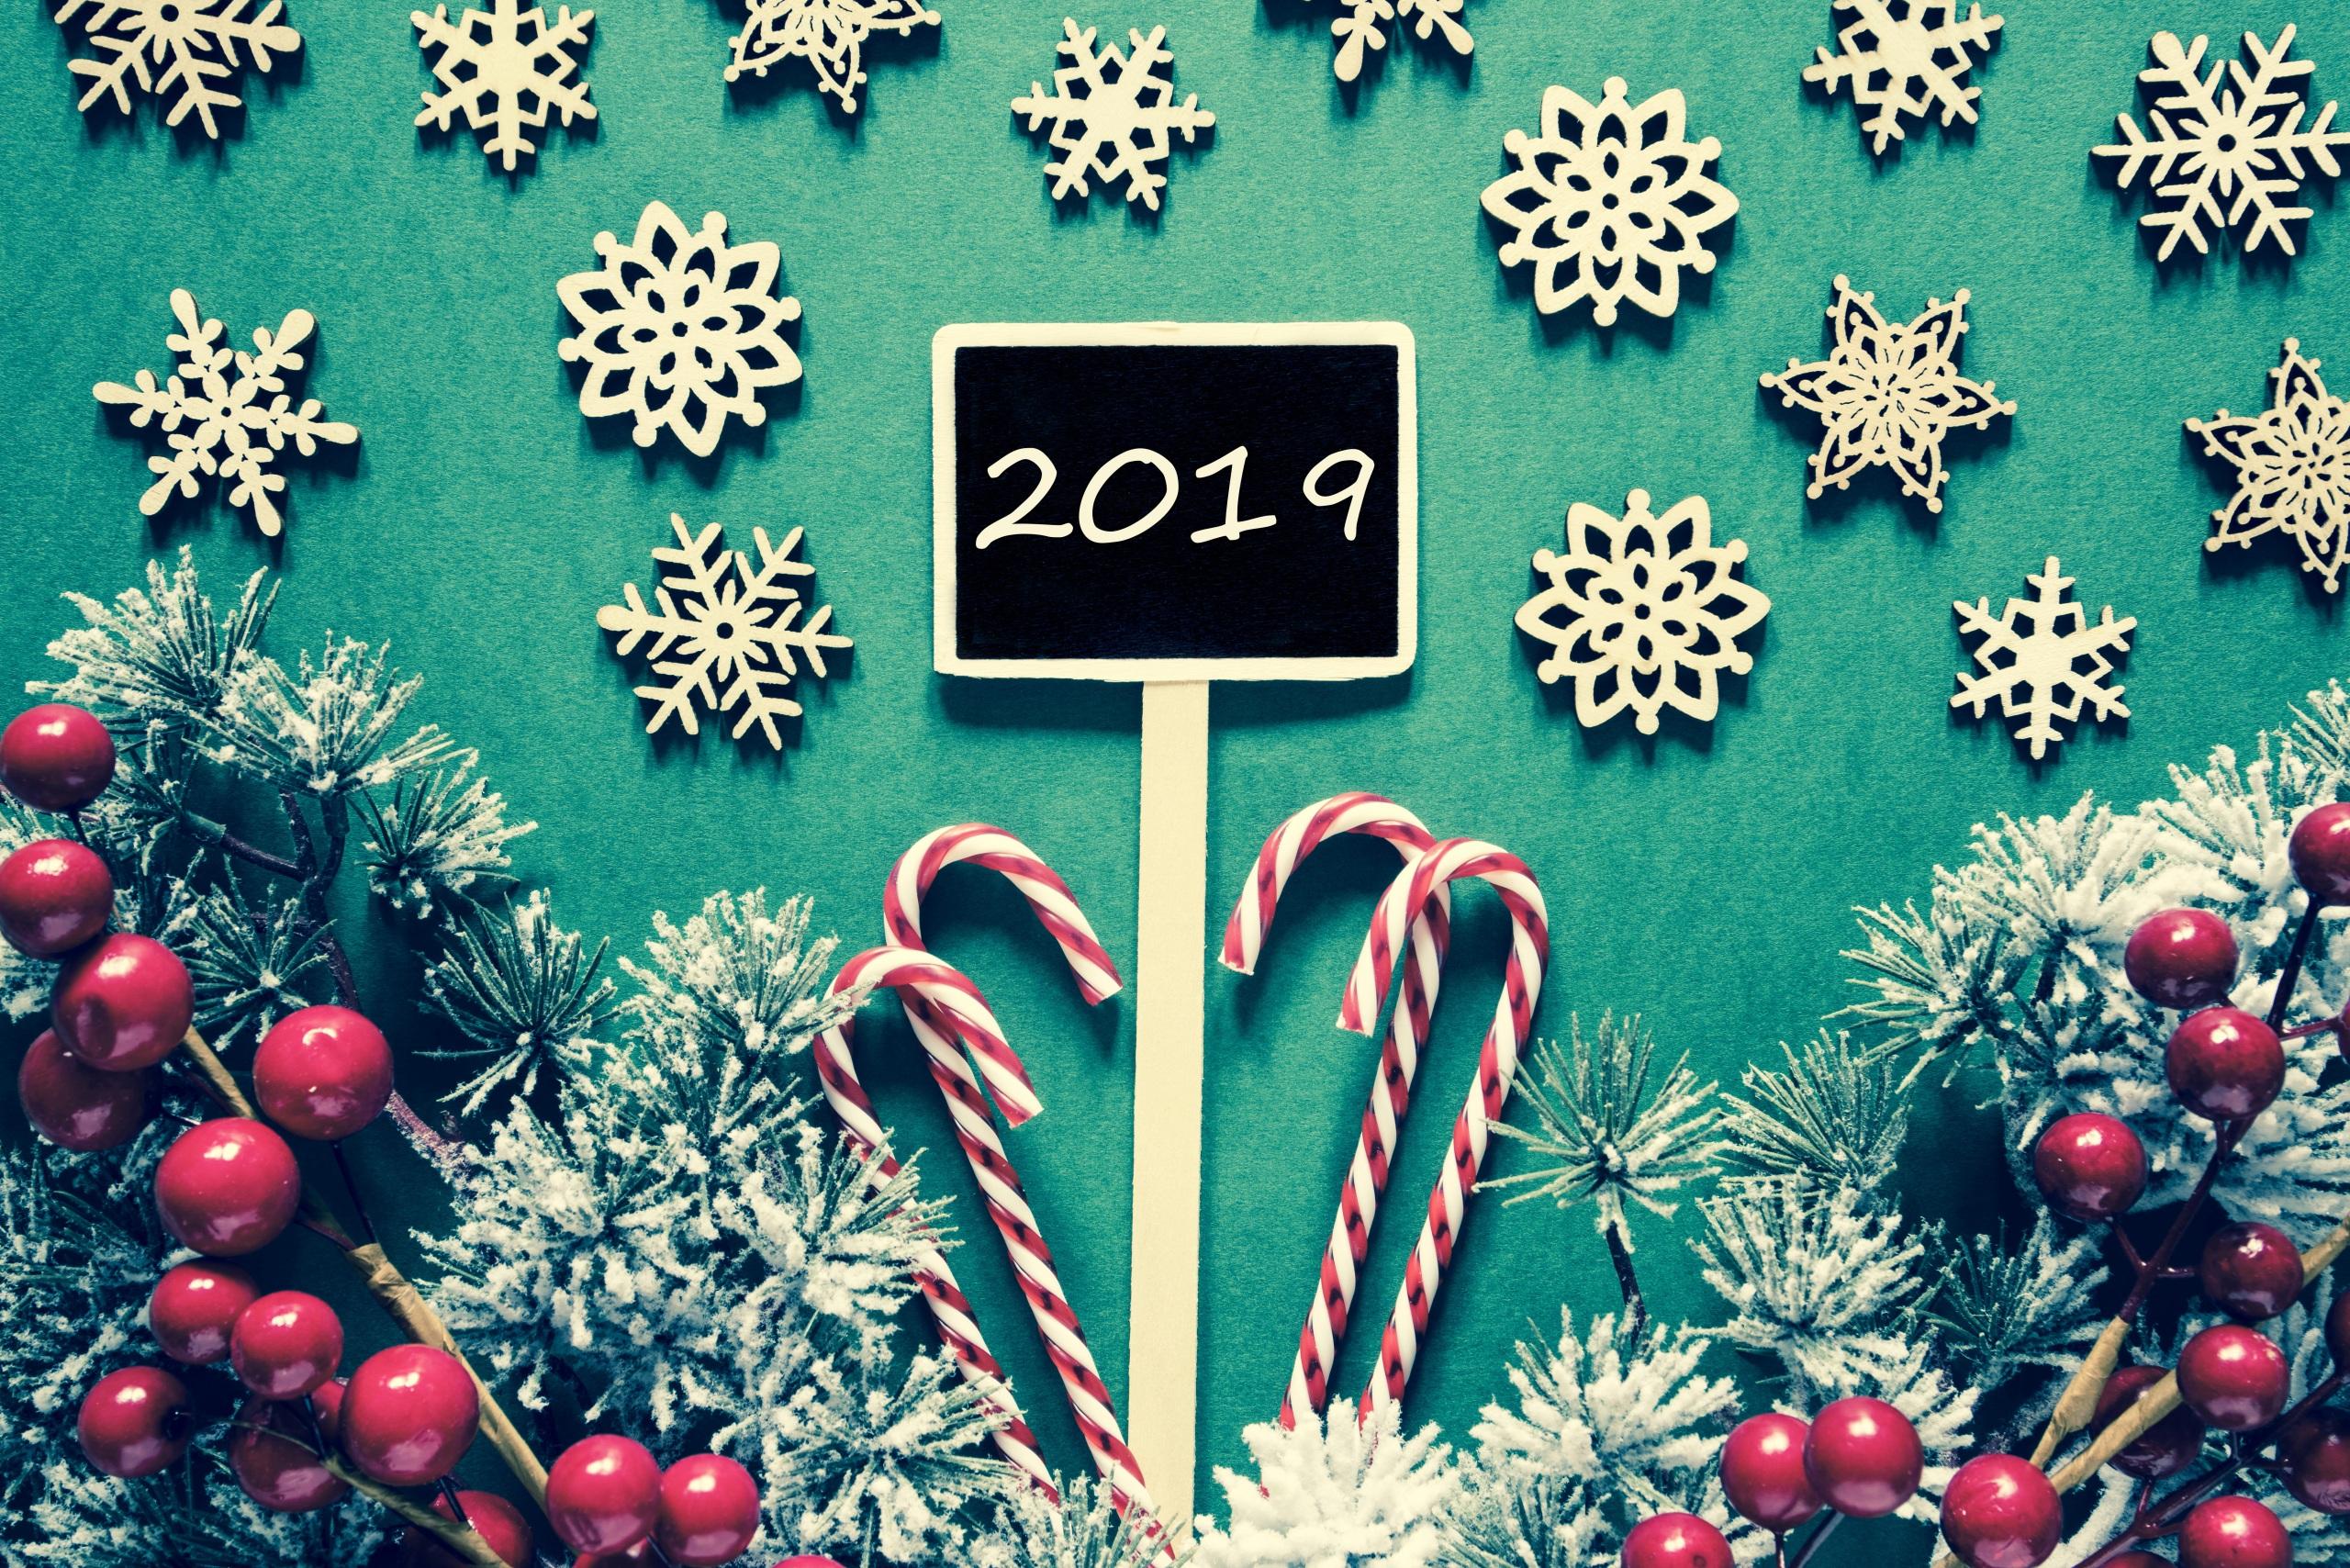 Фото 2019 Рождество Леденцы Снежинки Ветки Ягоды Сладости 2560x1708 Новый год снежинка ветвь ветка на ветке